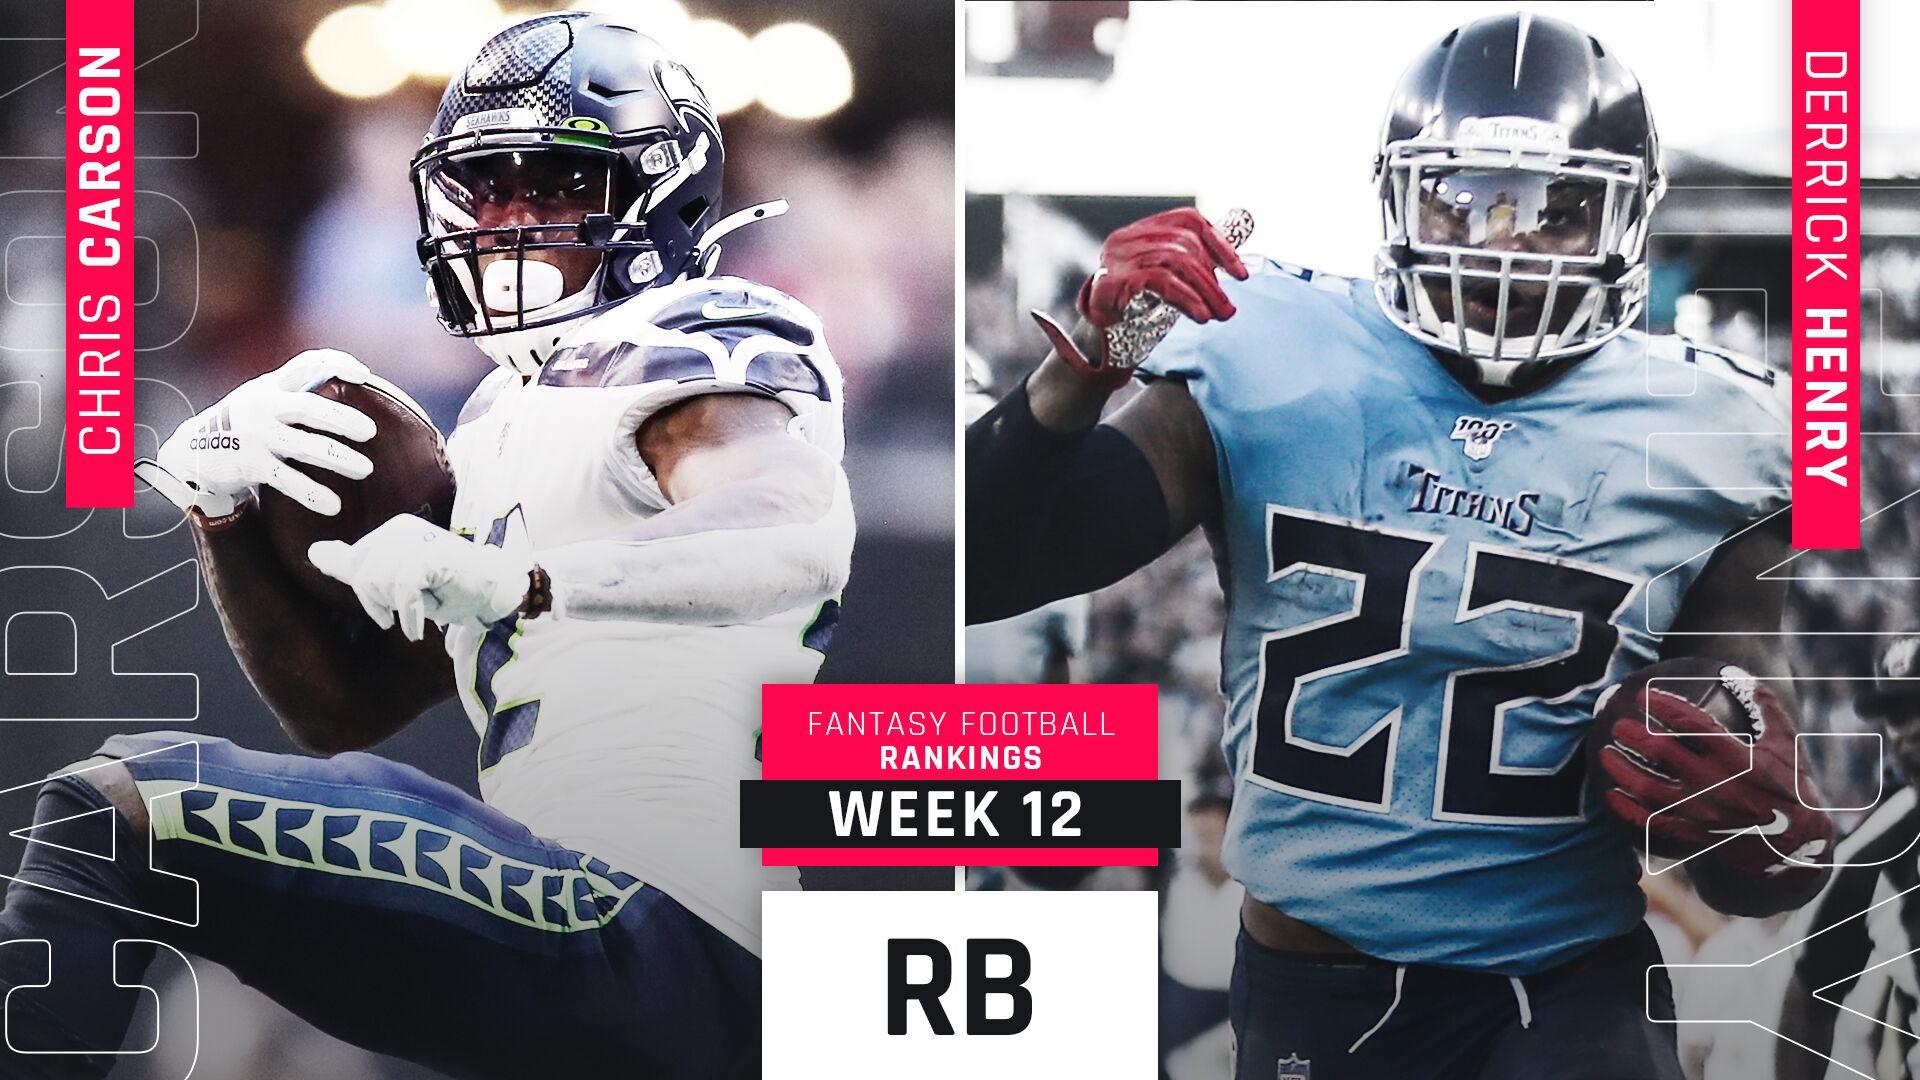 Week 12 Fantasy RB Rankings: Ezekiel Elliott falling, but still in our top 10